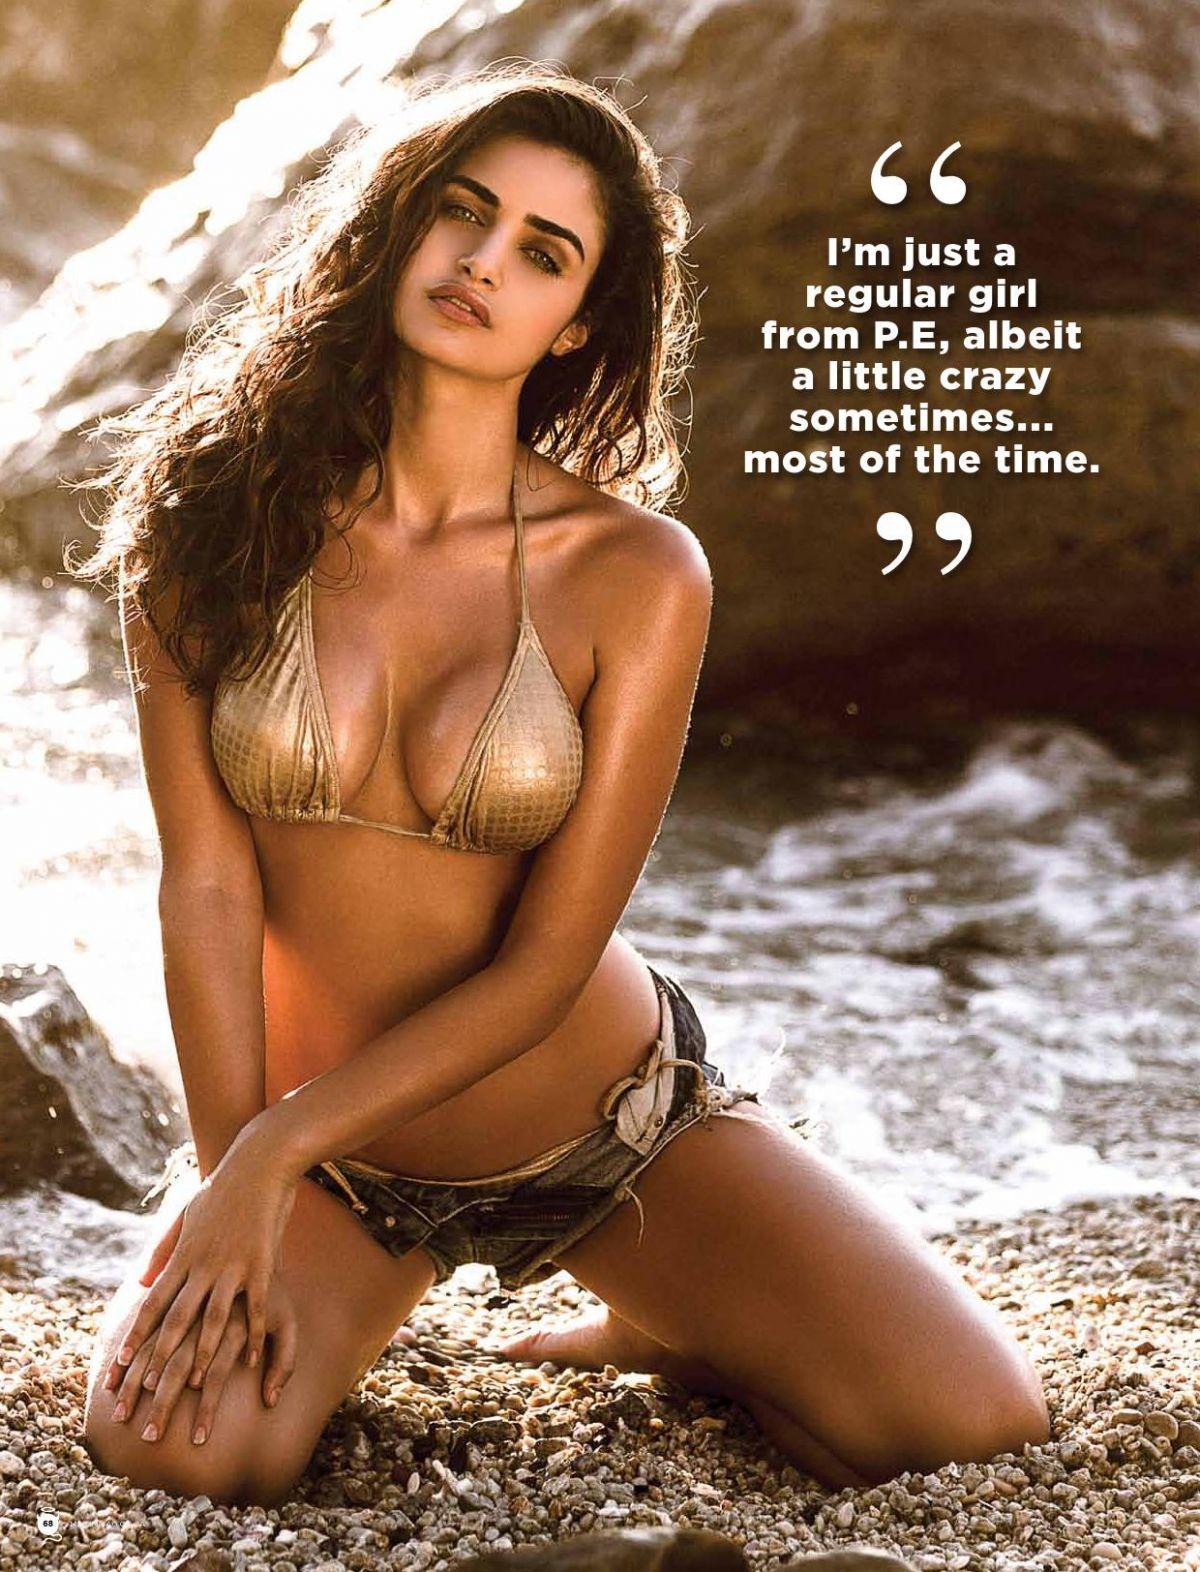 GABRIELLA DEMETRIADES in Maxim Magazine, South Africa March 2014 Issue